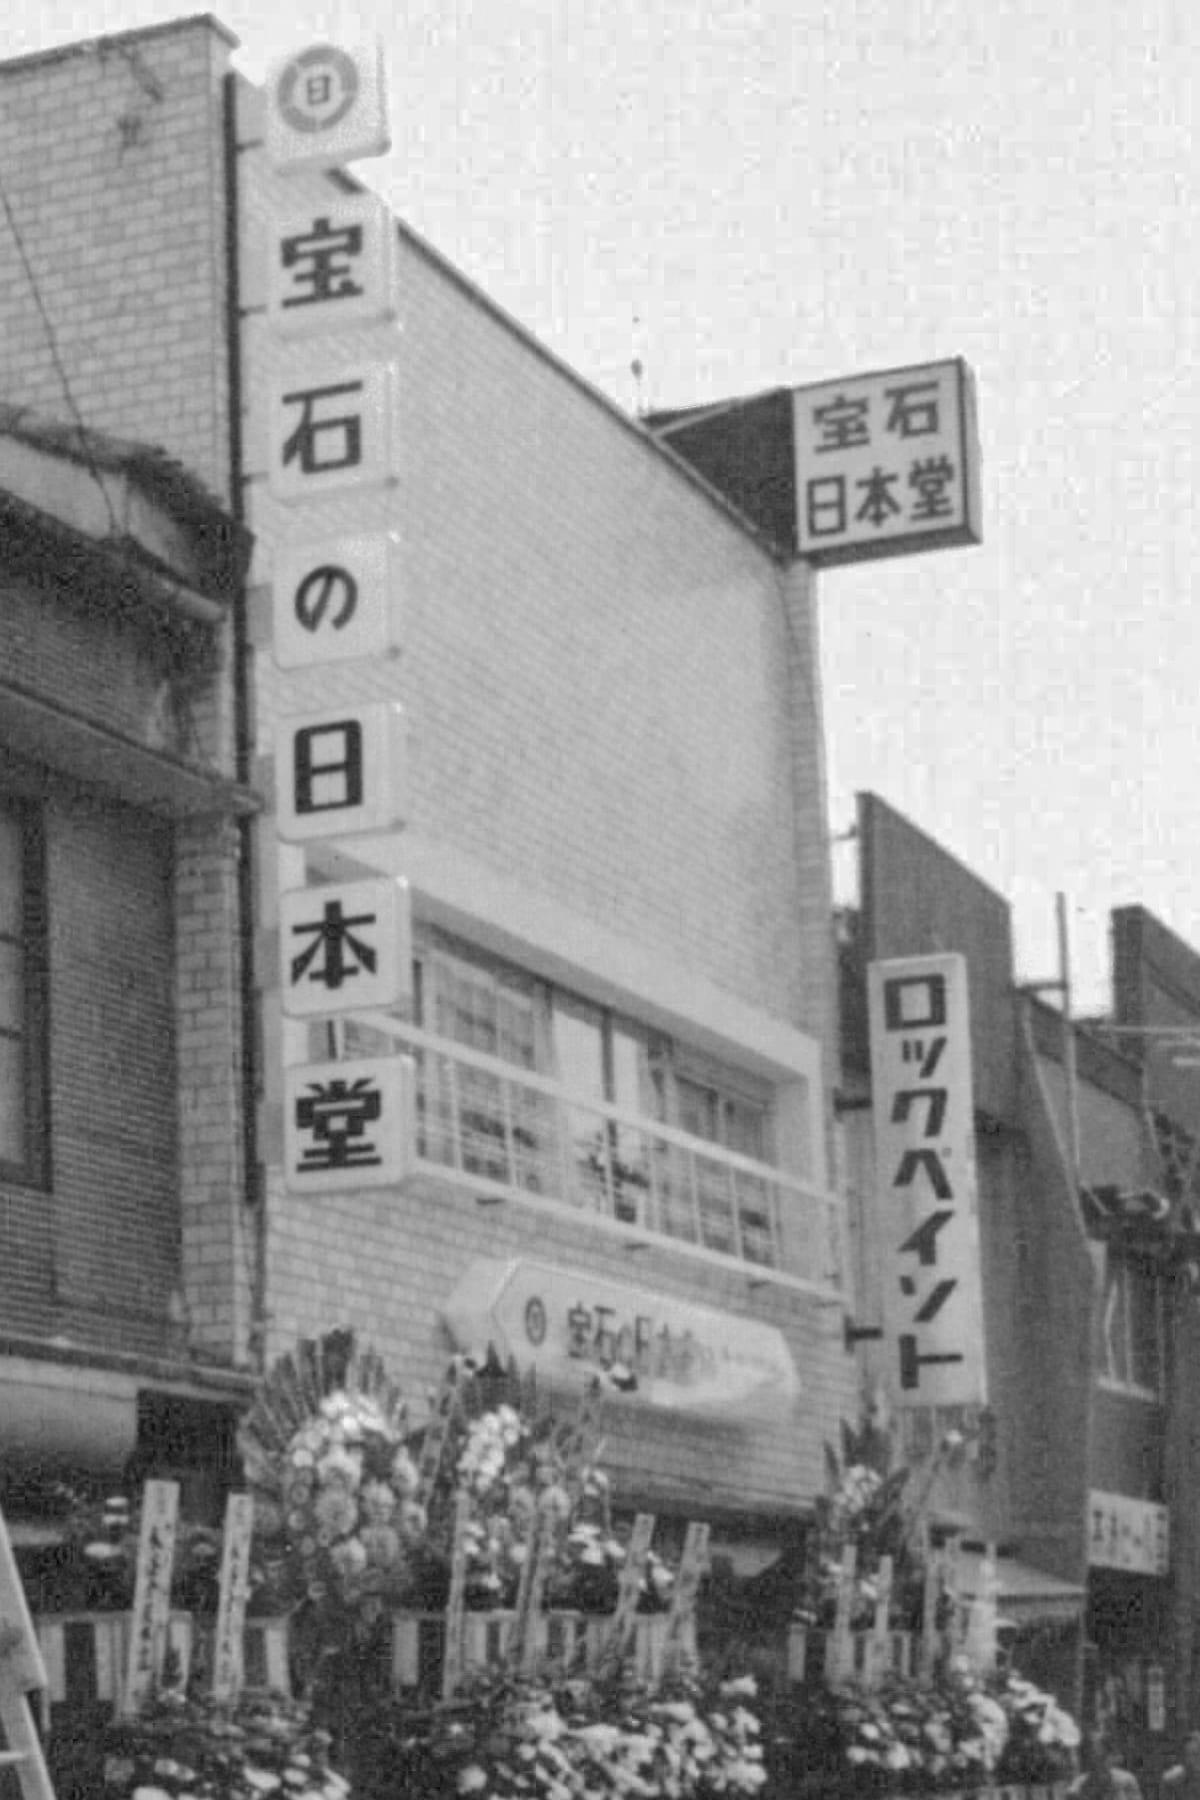 日本堂外観写真(開業当時)